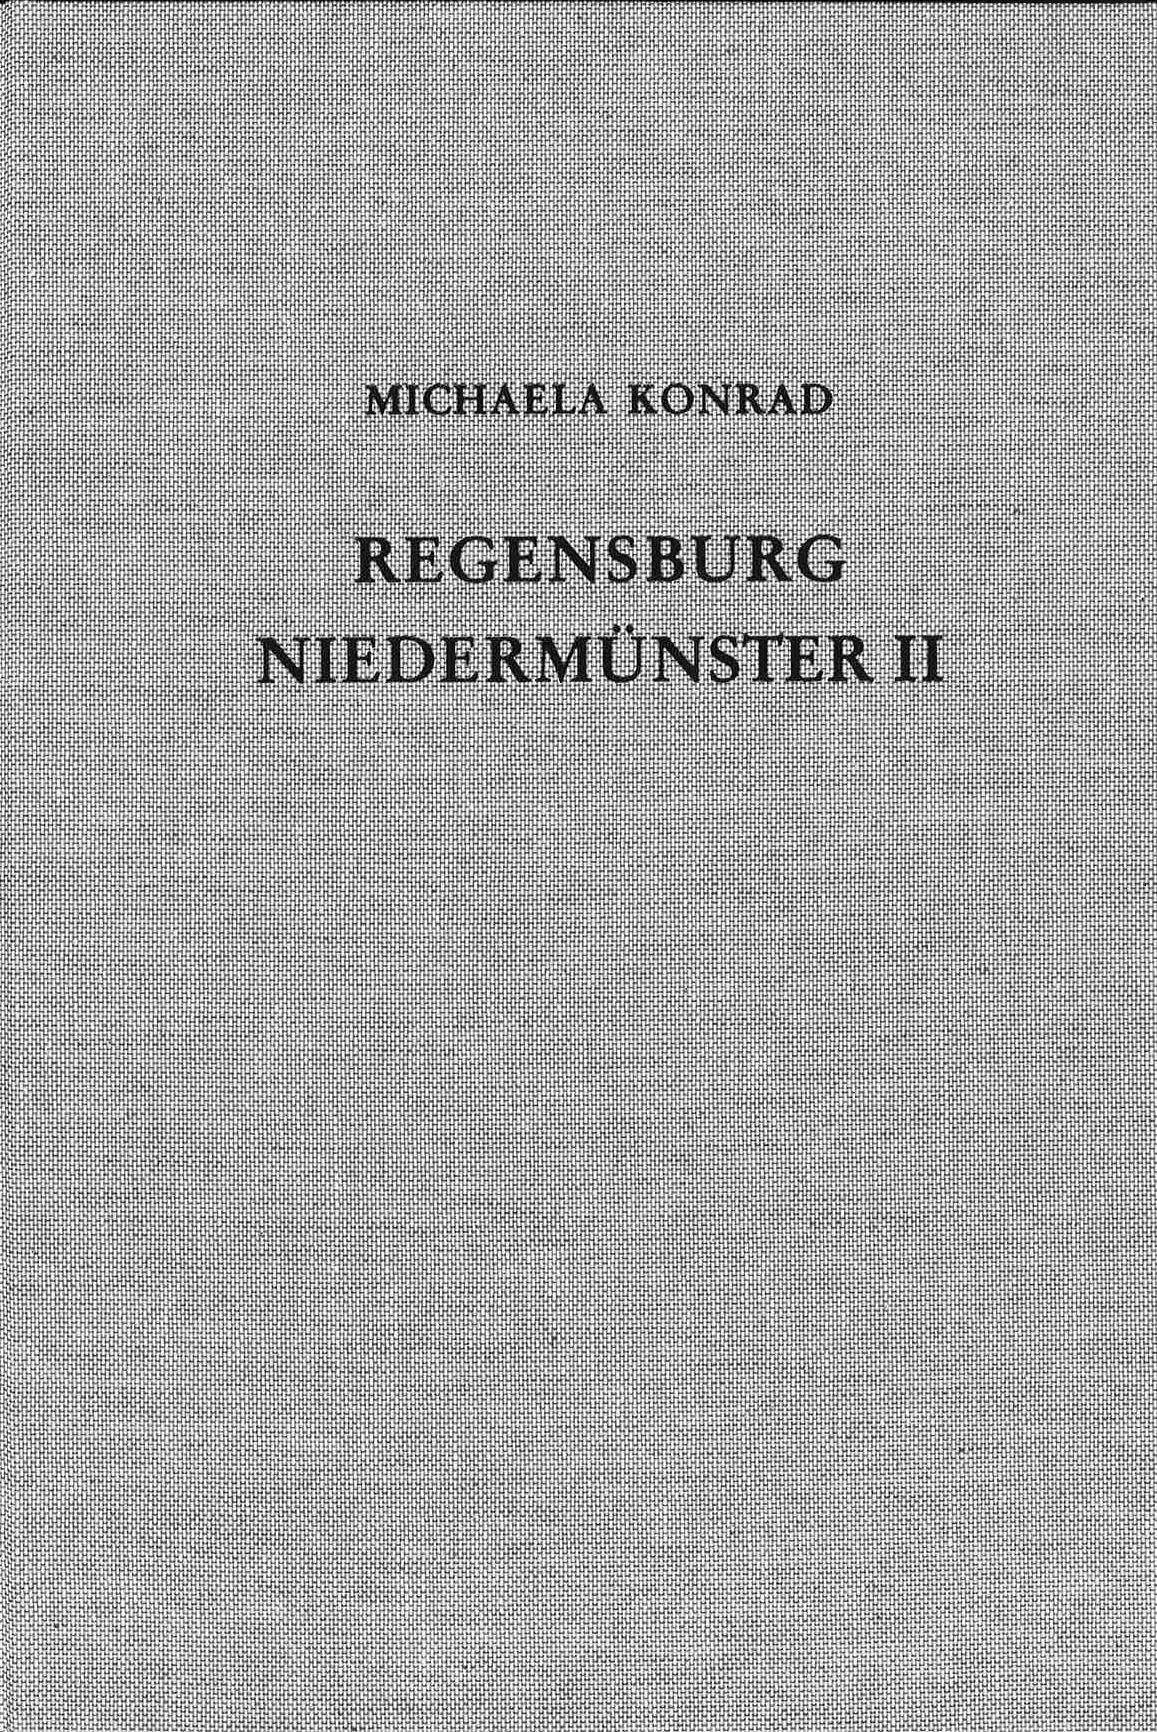 Cover des Buches 'Die Ausgrabungen unter dem Niedermünster zu Regensburg II'